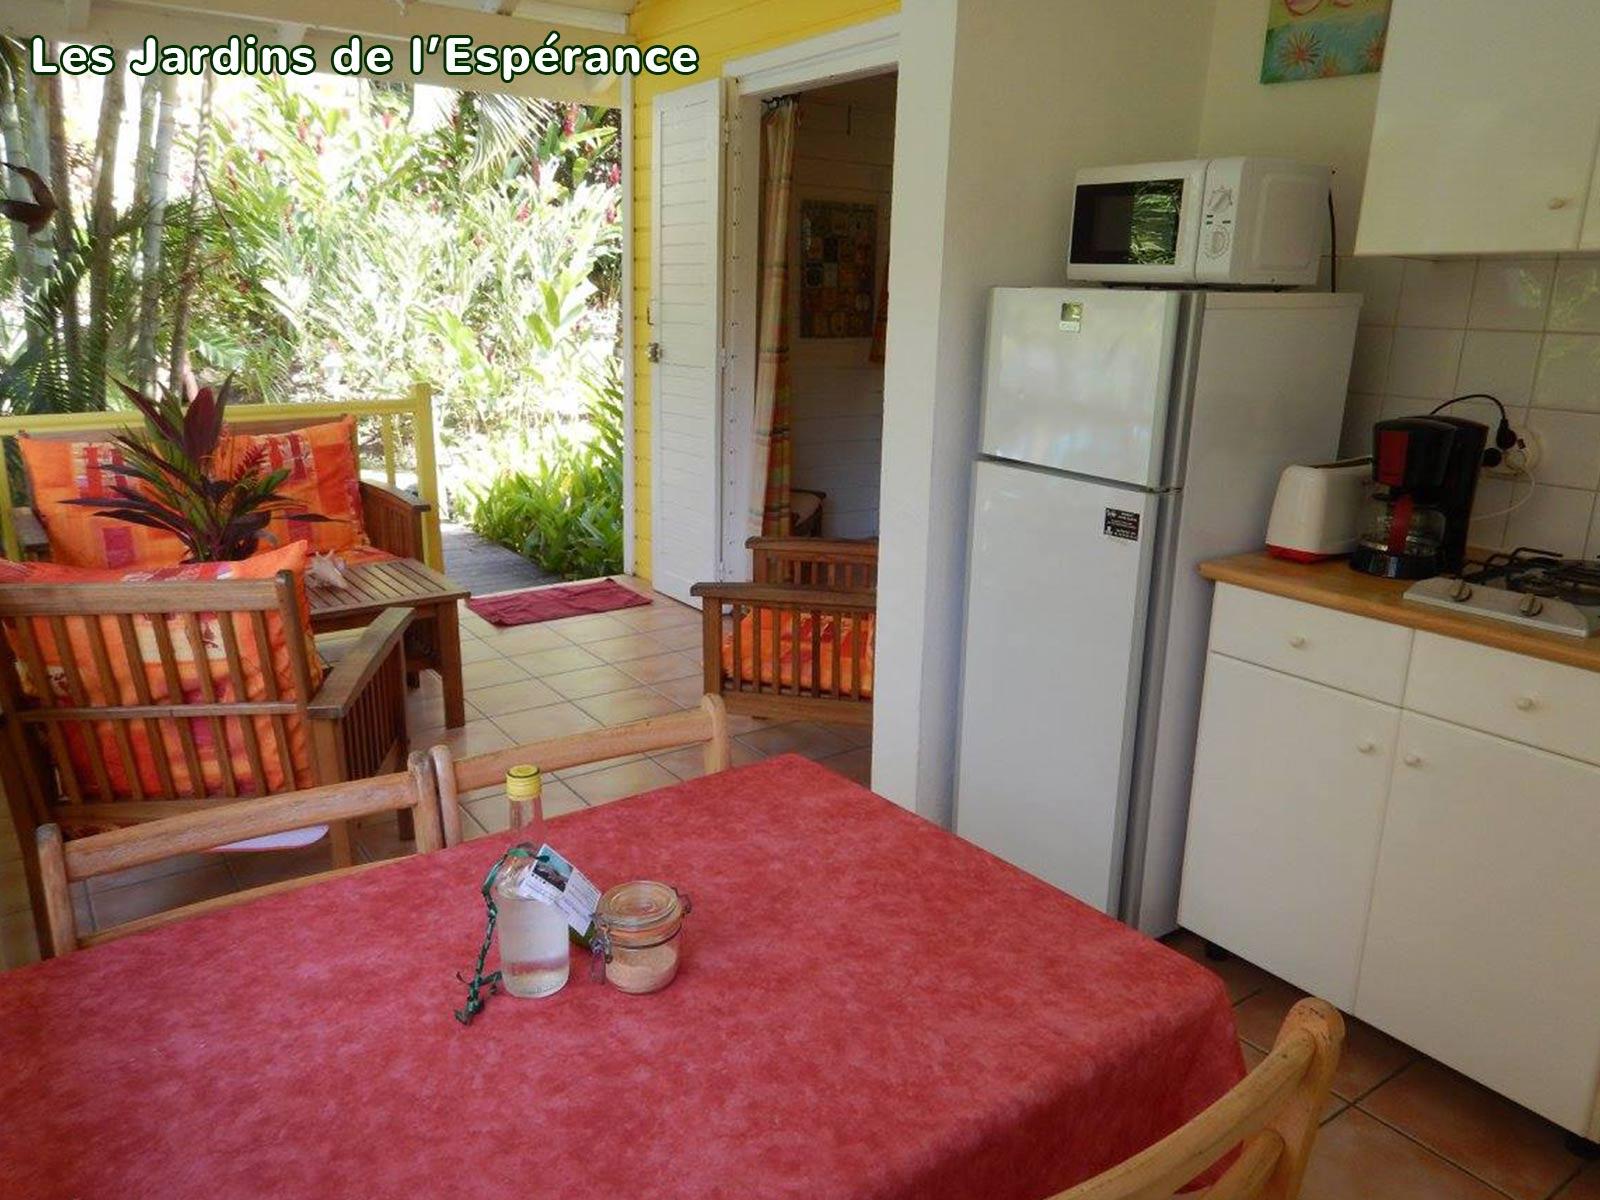 Les Jardins de l'Espérance - Espace cuisine de bungalow